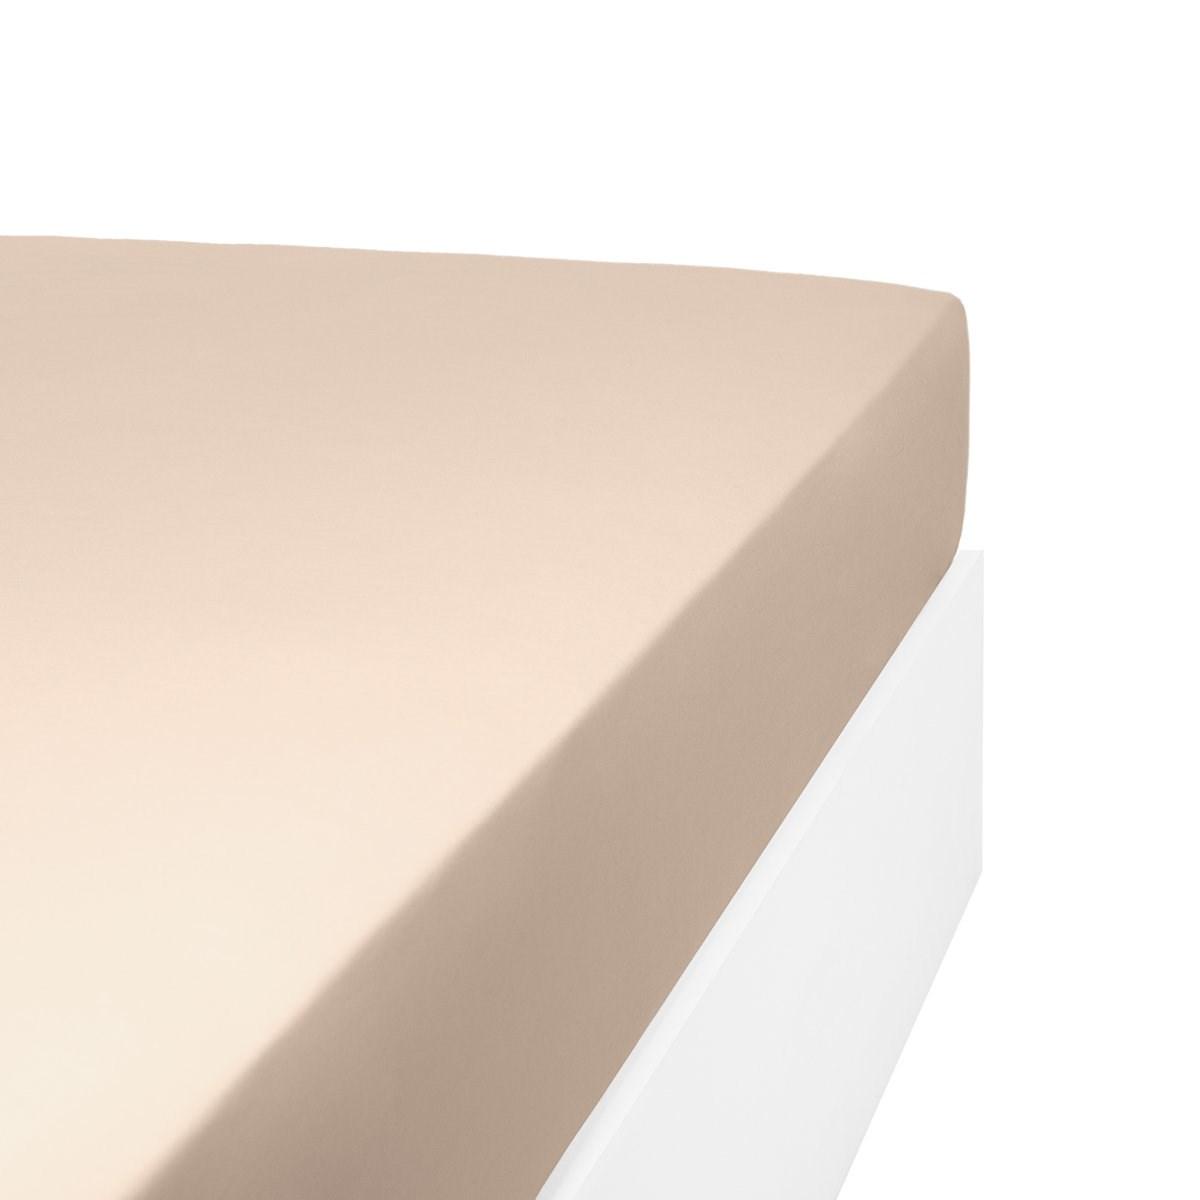 Drap housse uni 200 fils en de coton beige foncé 70x190 cm